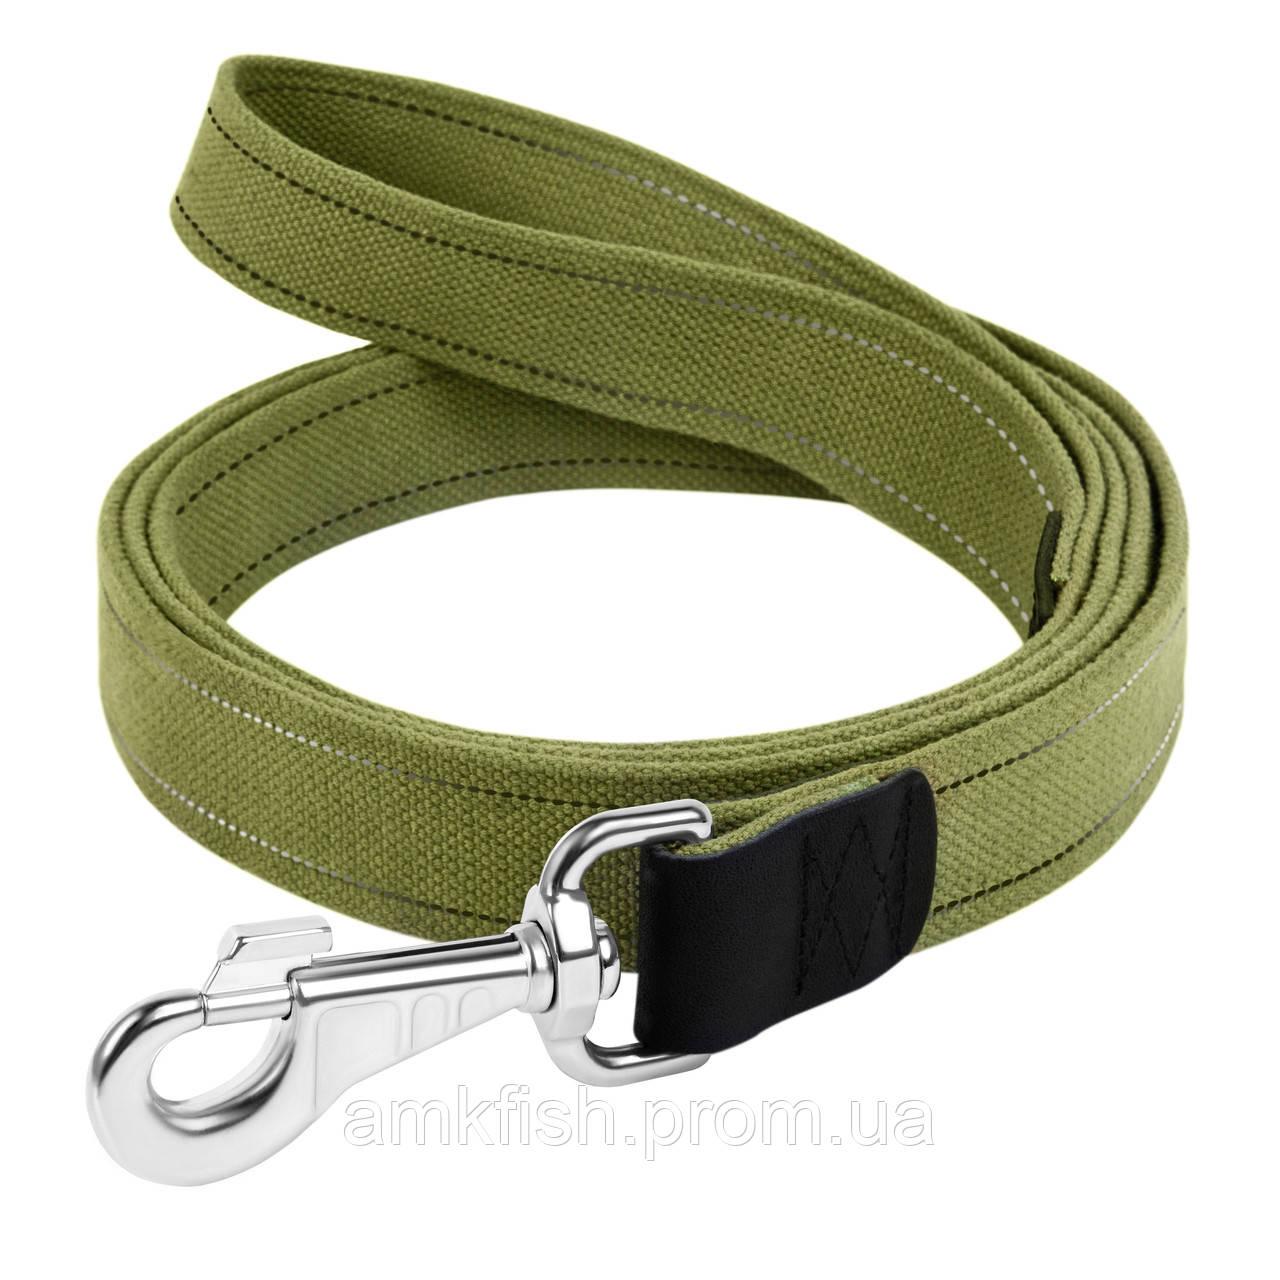 Поводок Collar брезент для собак 150смх35мм